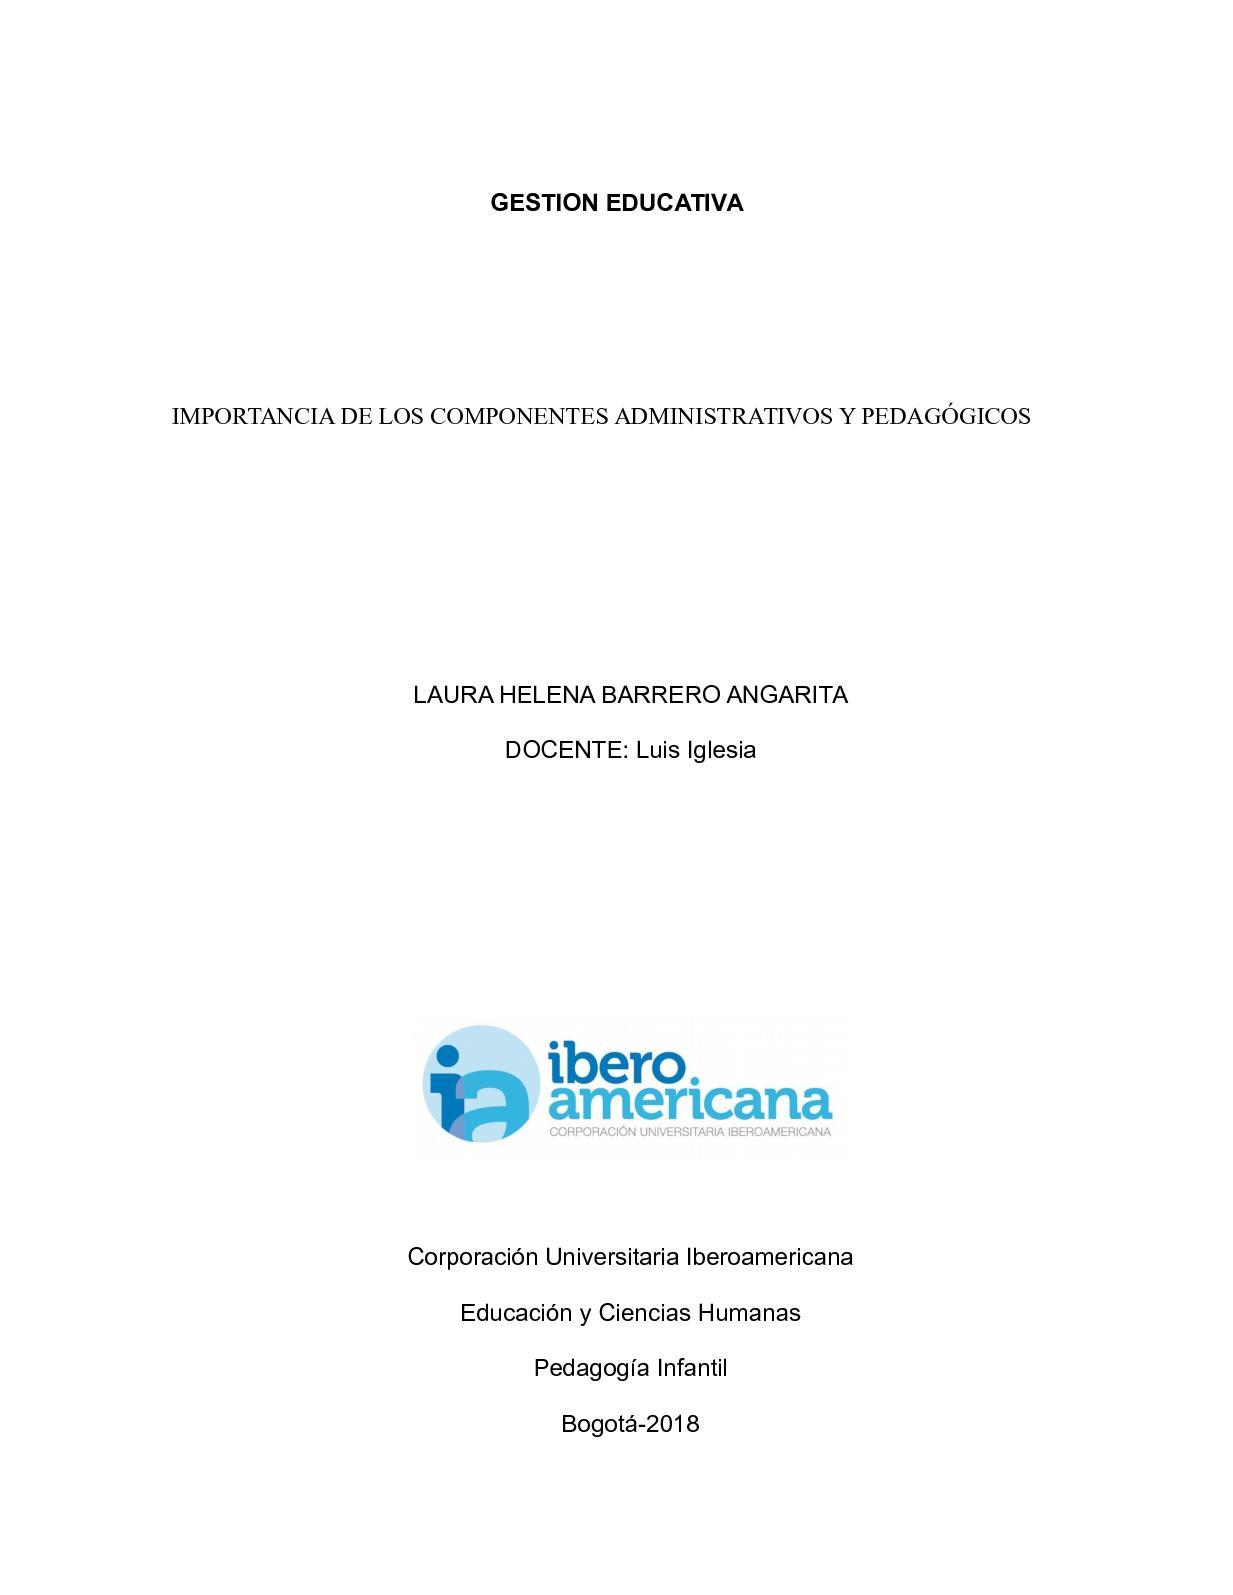 Componentes Administrativo Y Pedagogico